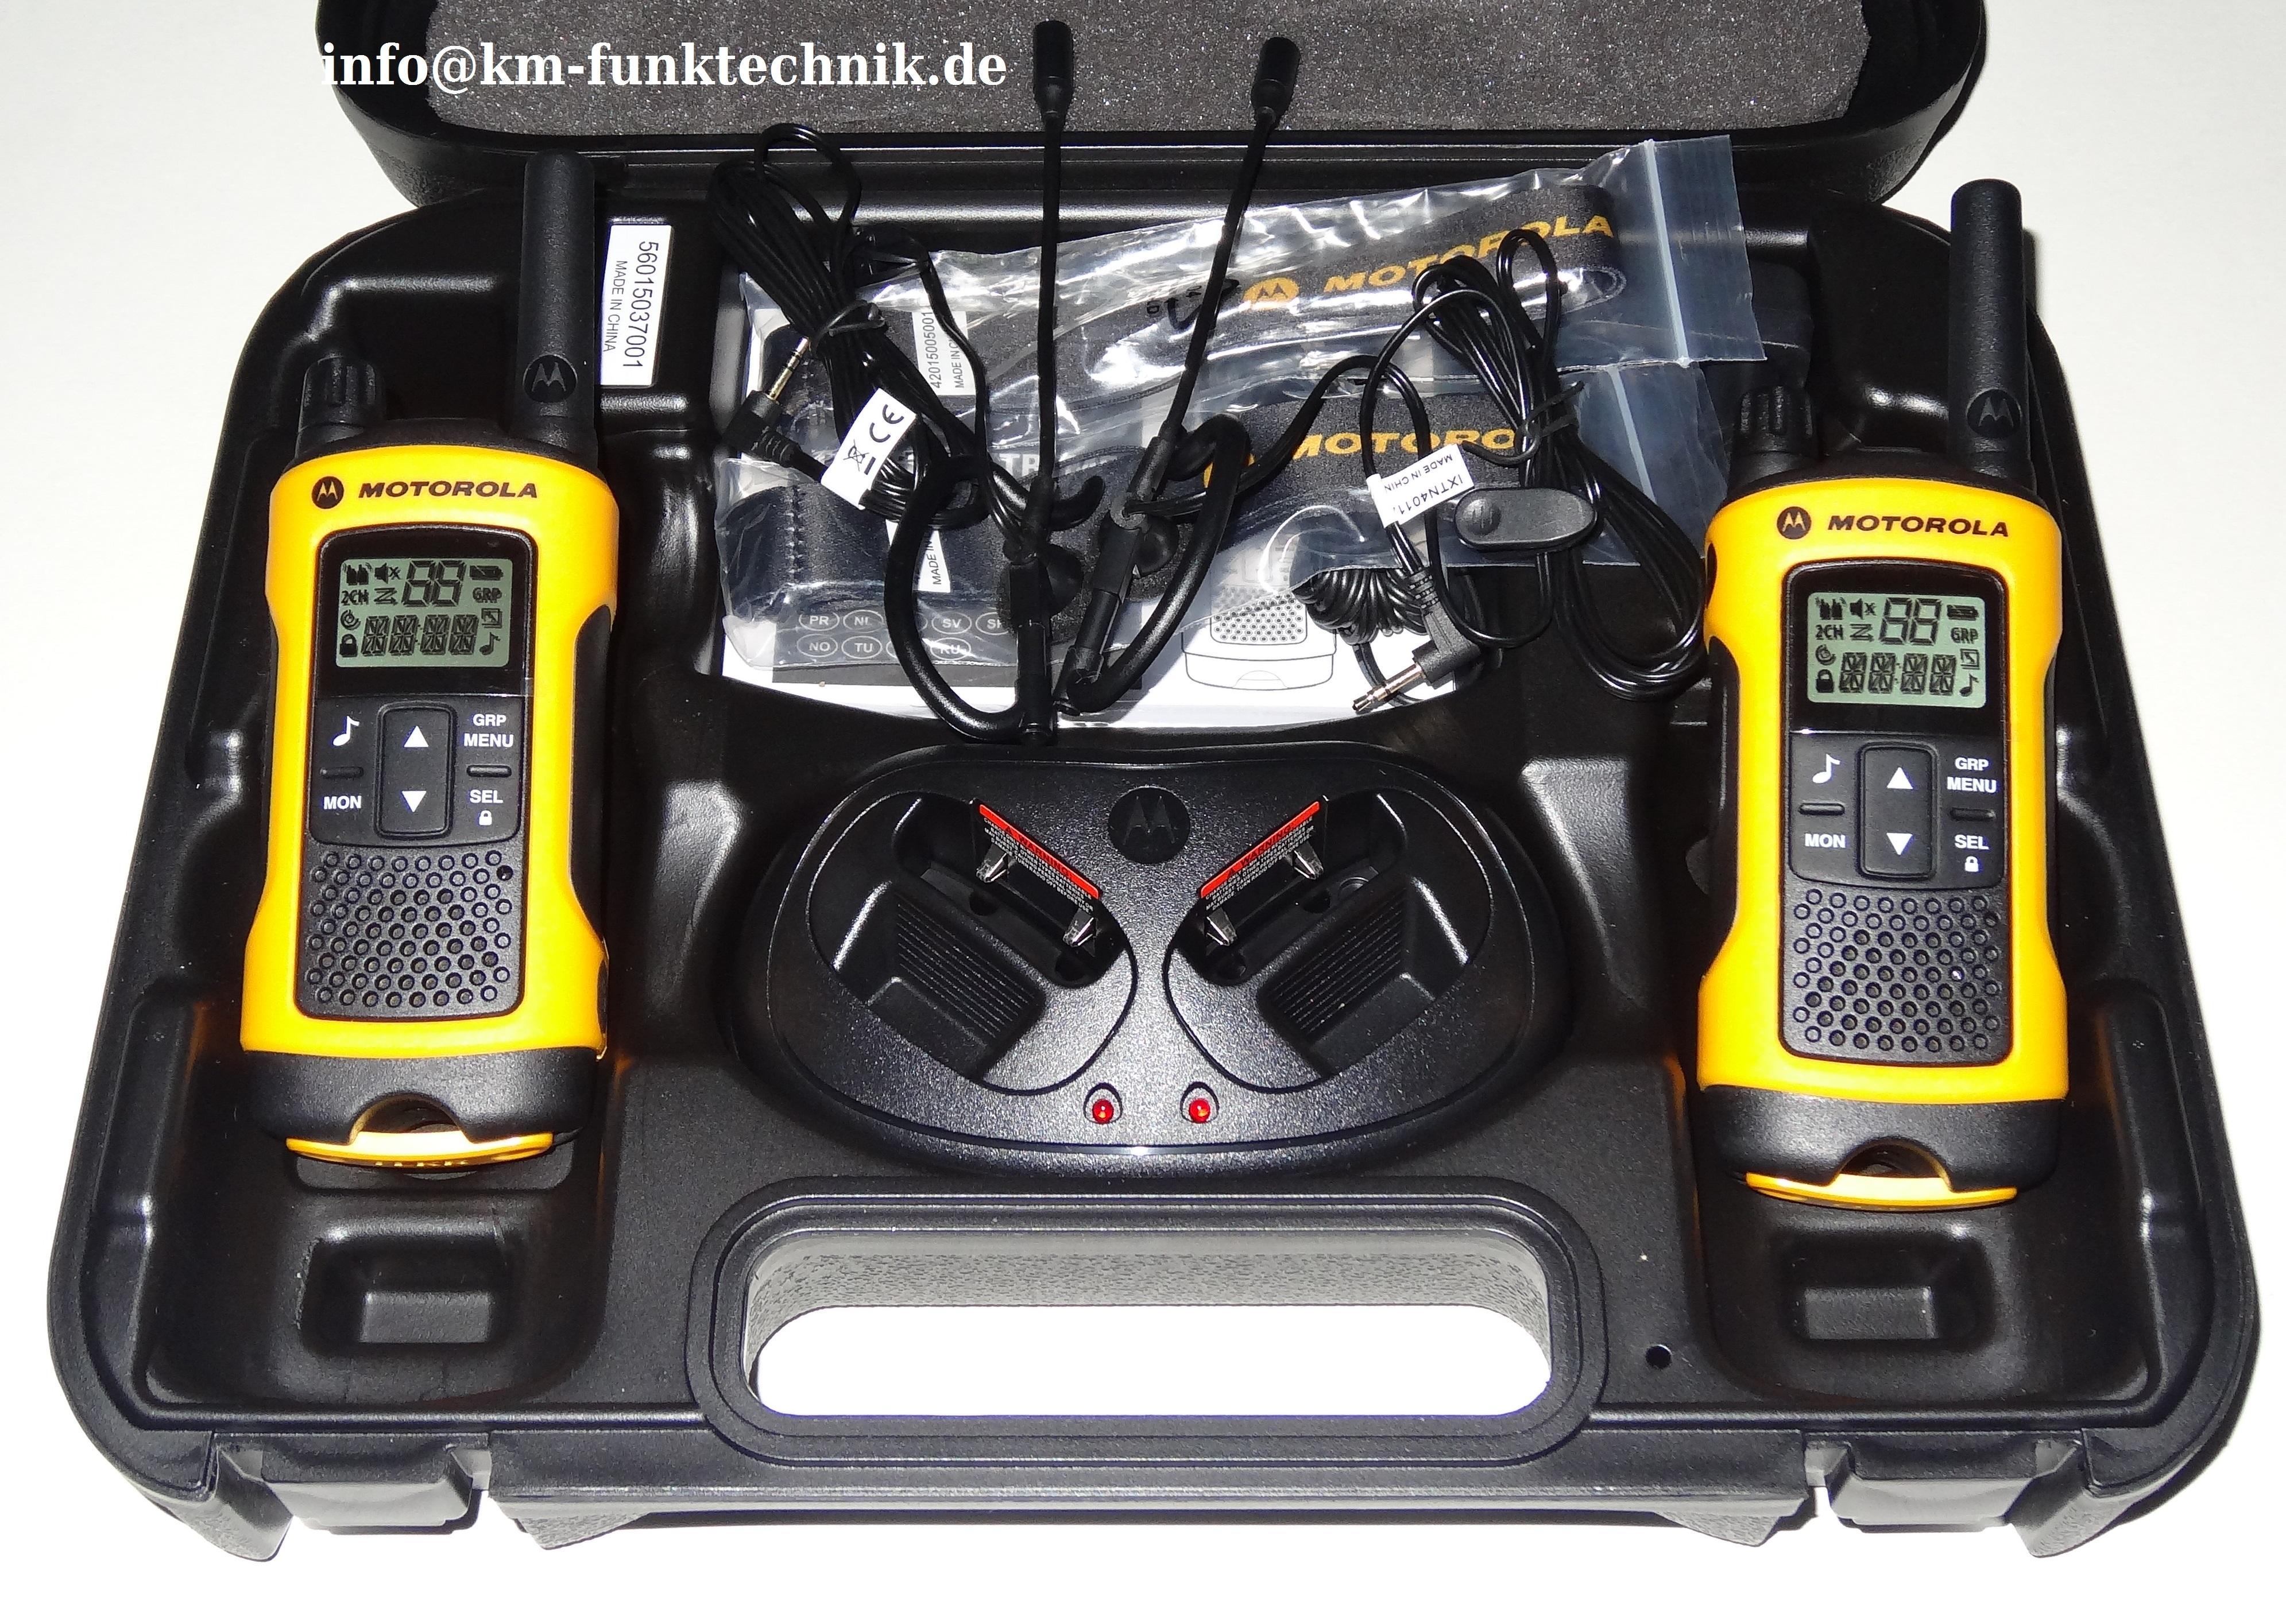 рация моторола tlkr-t80 инструкция